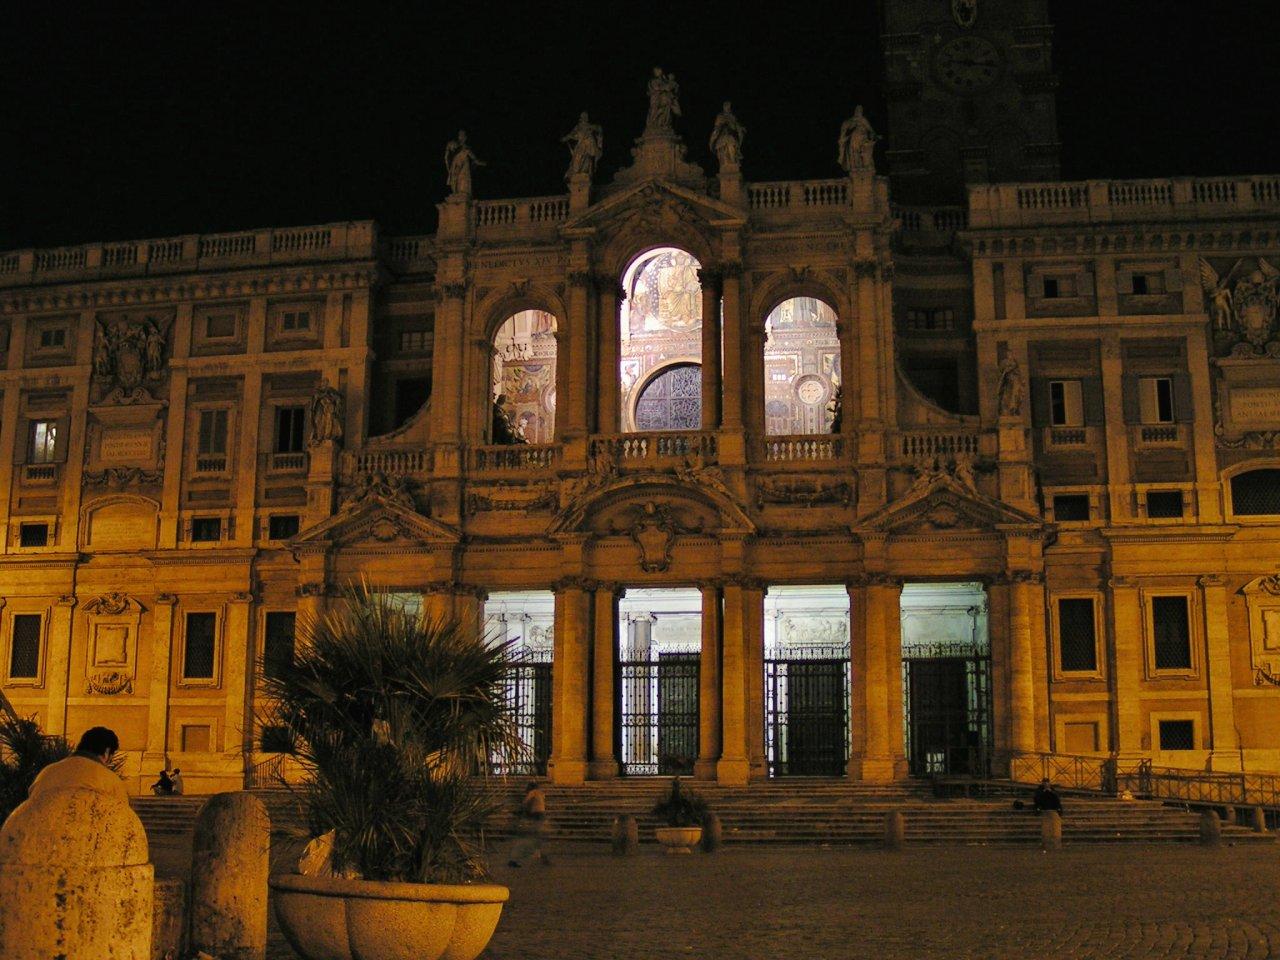 Santa Maria Maggiore in the night, Rome Attractions, Italy